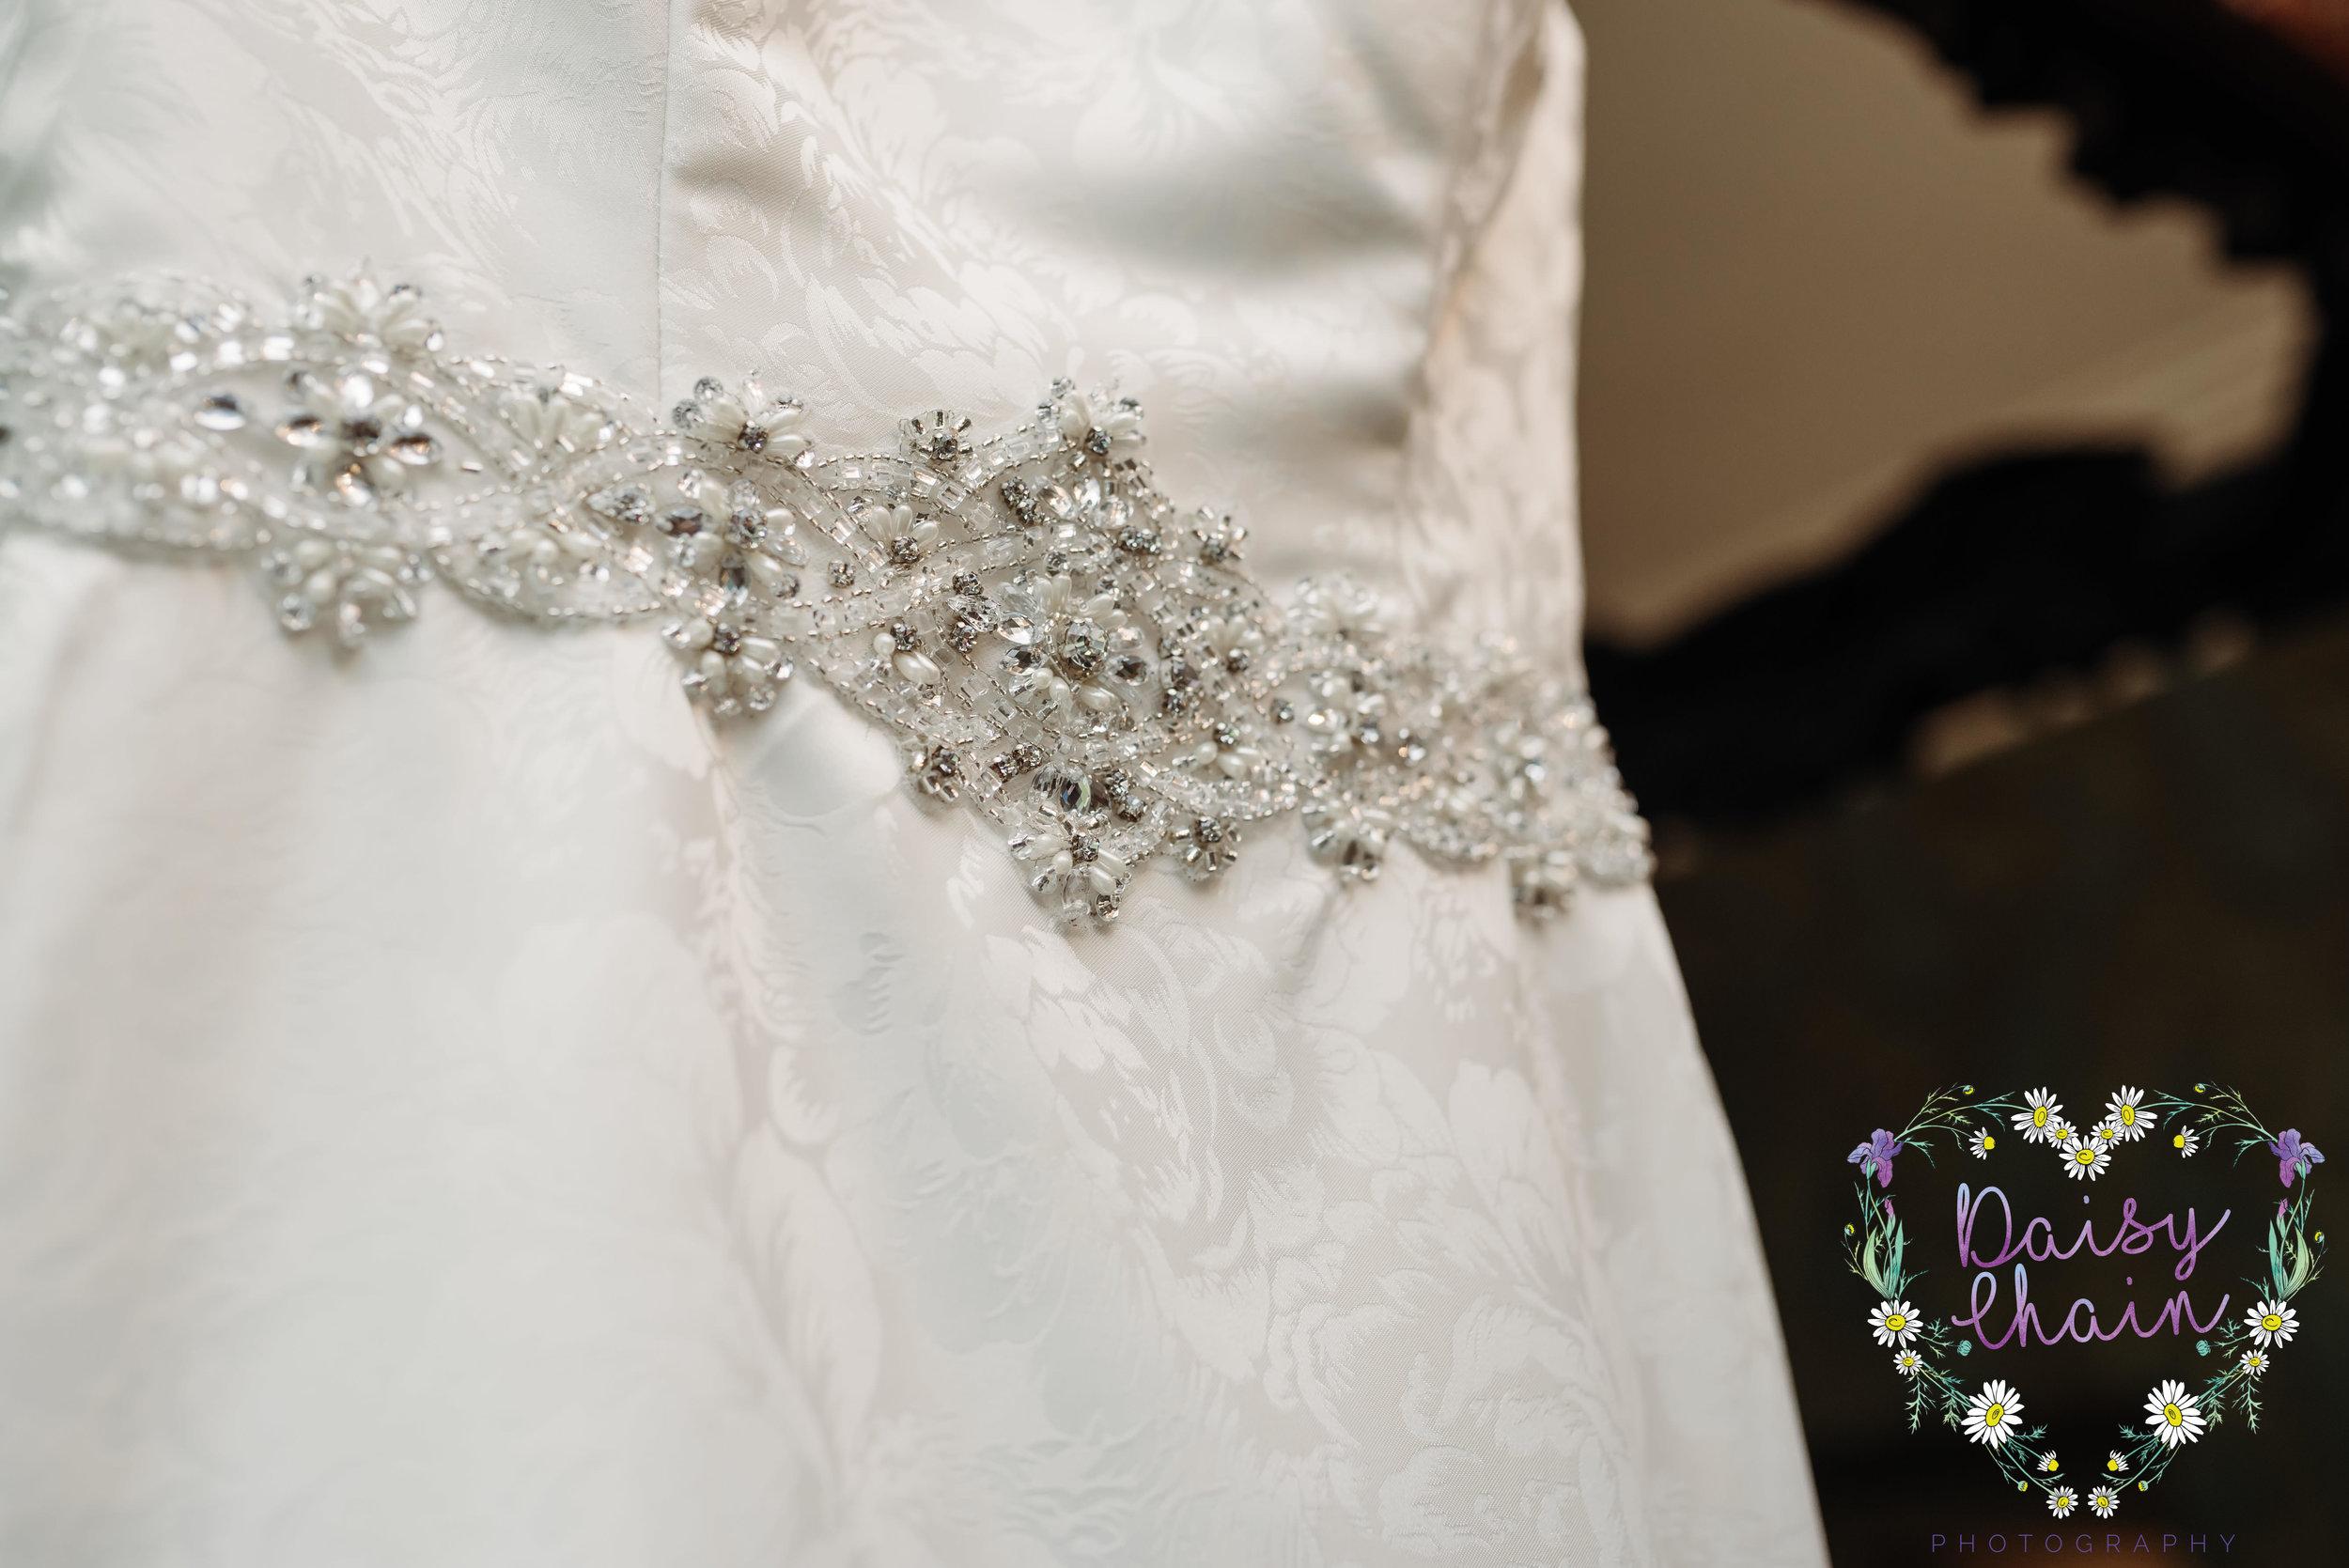 Close up wedding dress detail